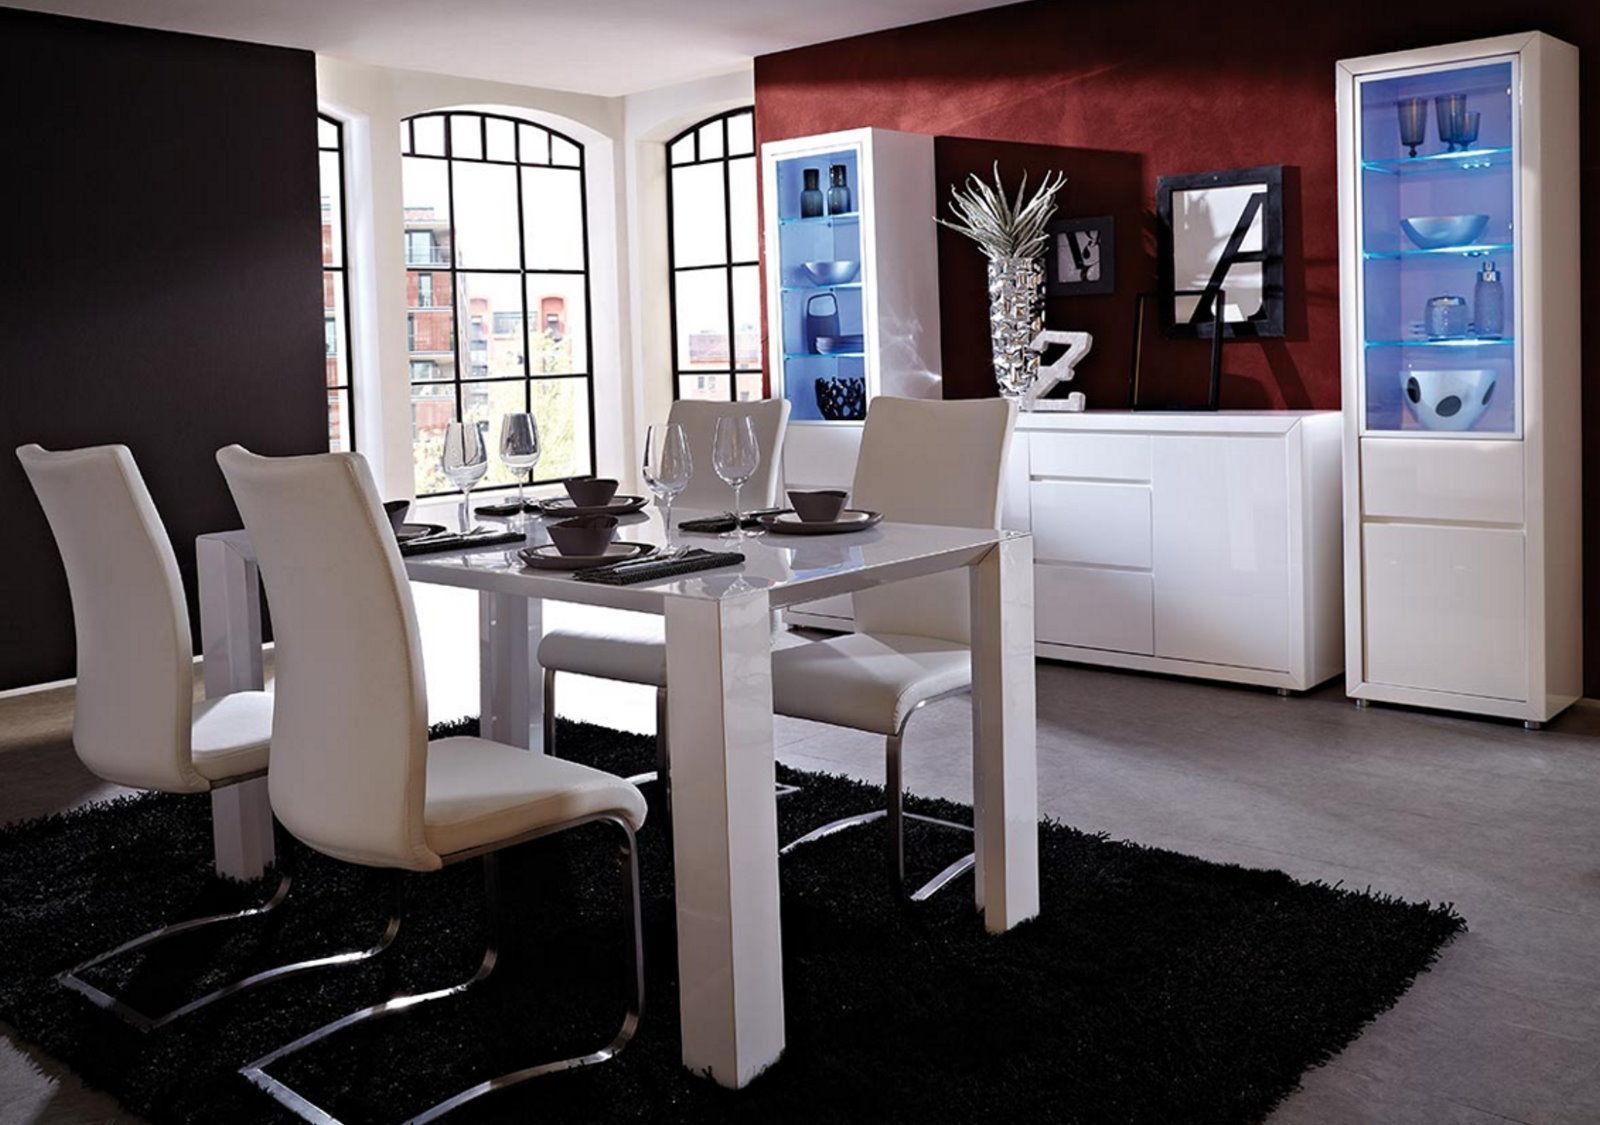 germania esstisch fino 190x90cm esszimmer wohnzimmer k chen tisch wei hochglanz 4005949217713. Black Bedroom Furniture Sets. Home Design Ideas